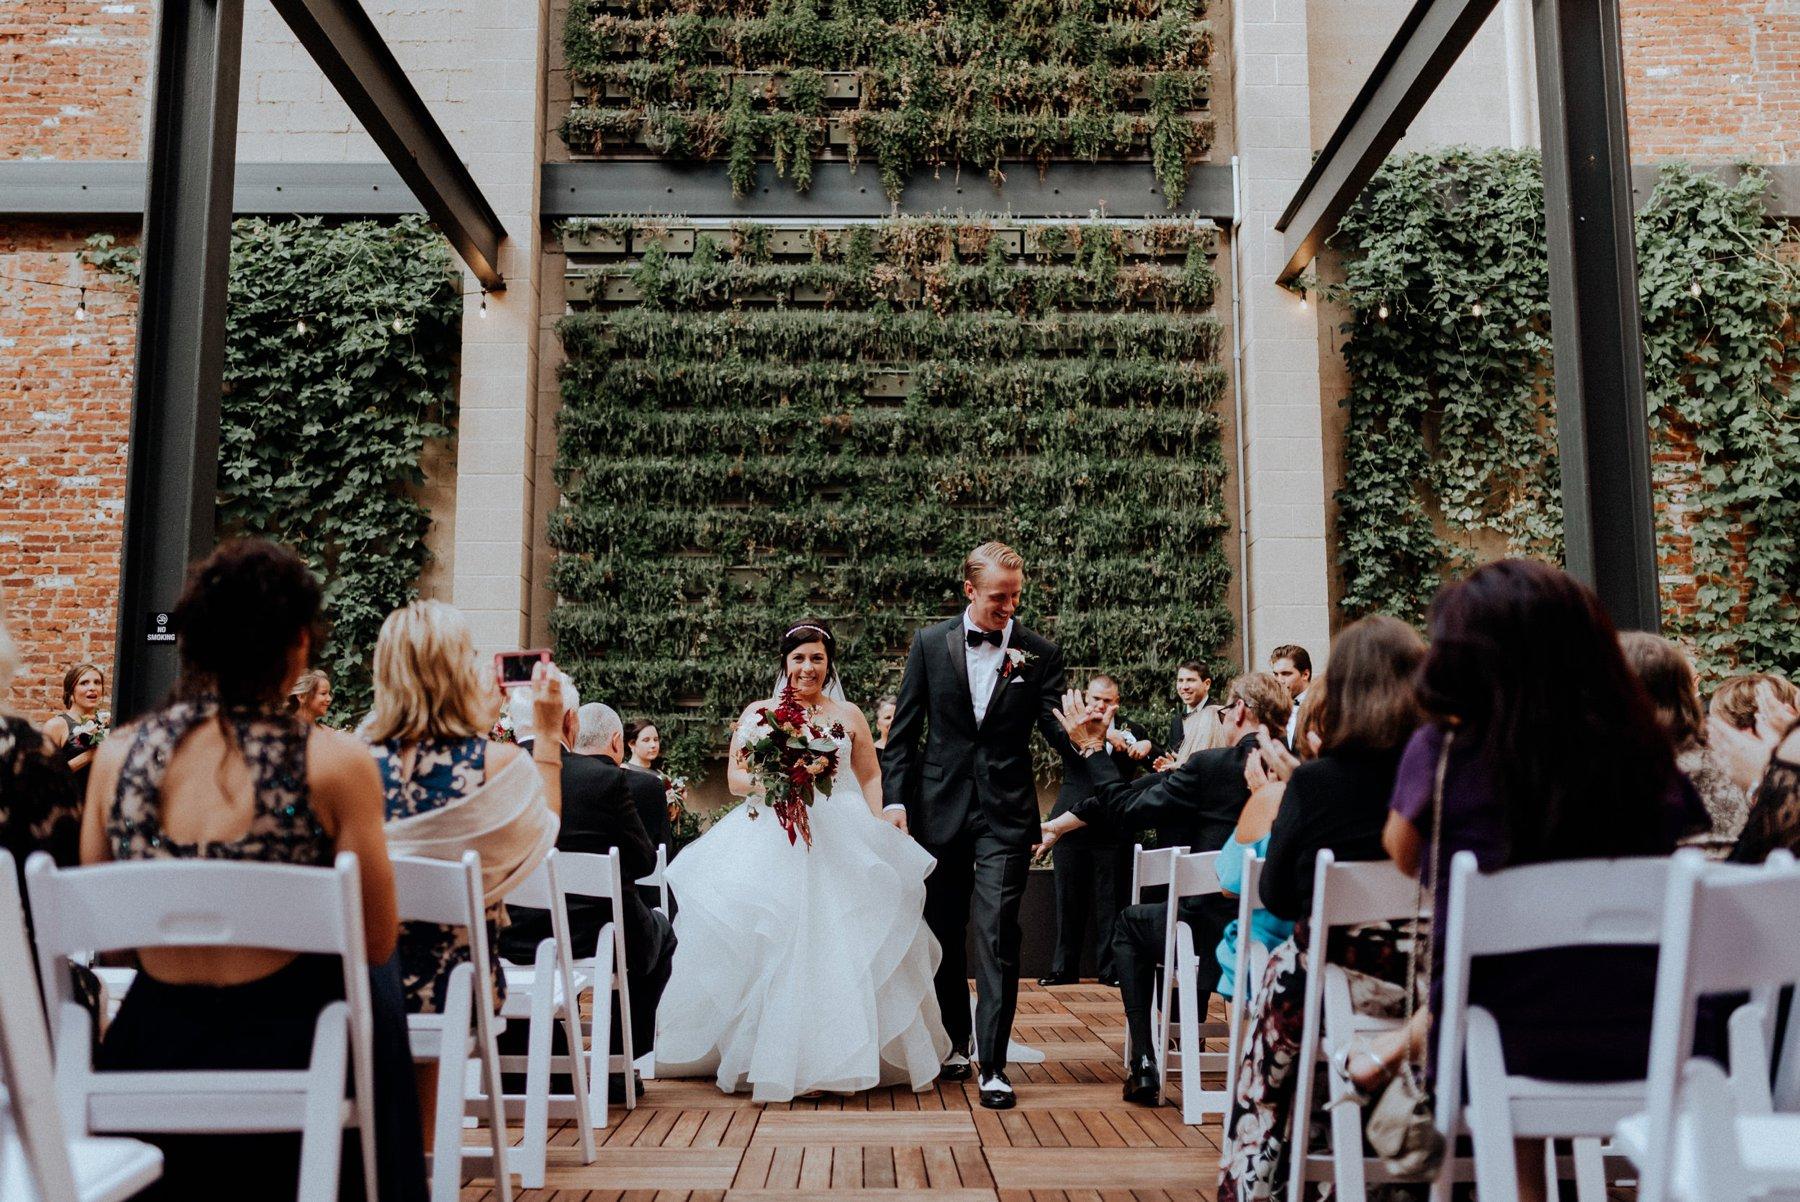 046-020-excelsior-lancaster-wedding-12.jpg